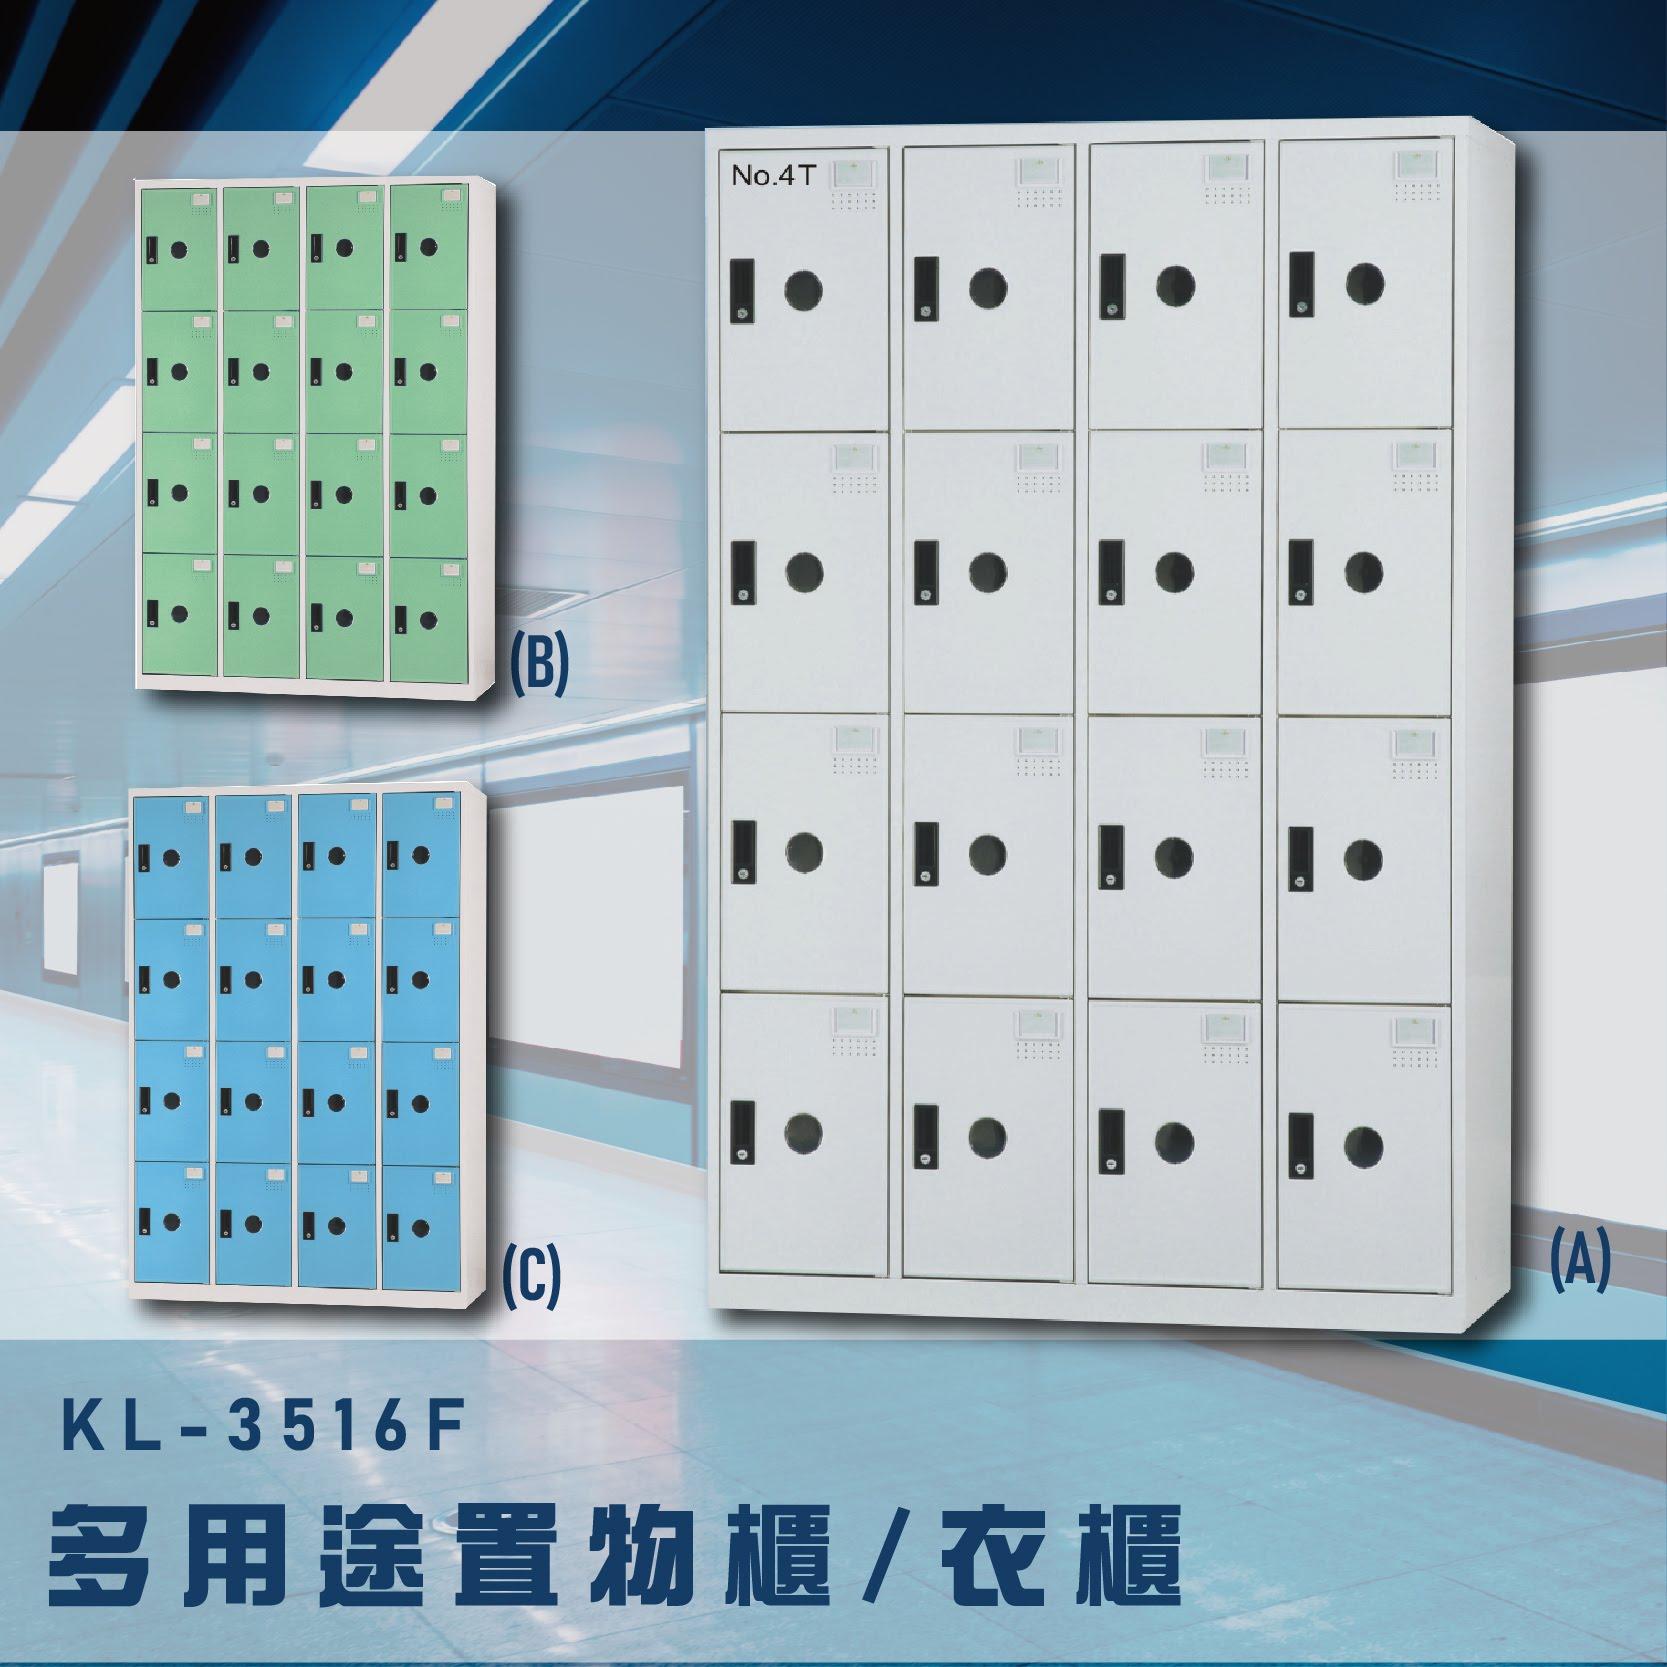 鑰匙置物櫃/16格櫃 多用途衣櫃 鑰匙櫃 衣櫃鞋櫃 員工櫃 收納櫃 置物櫃 鐵櫃 台灣製造 KL-3516F《大富》